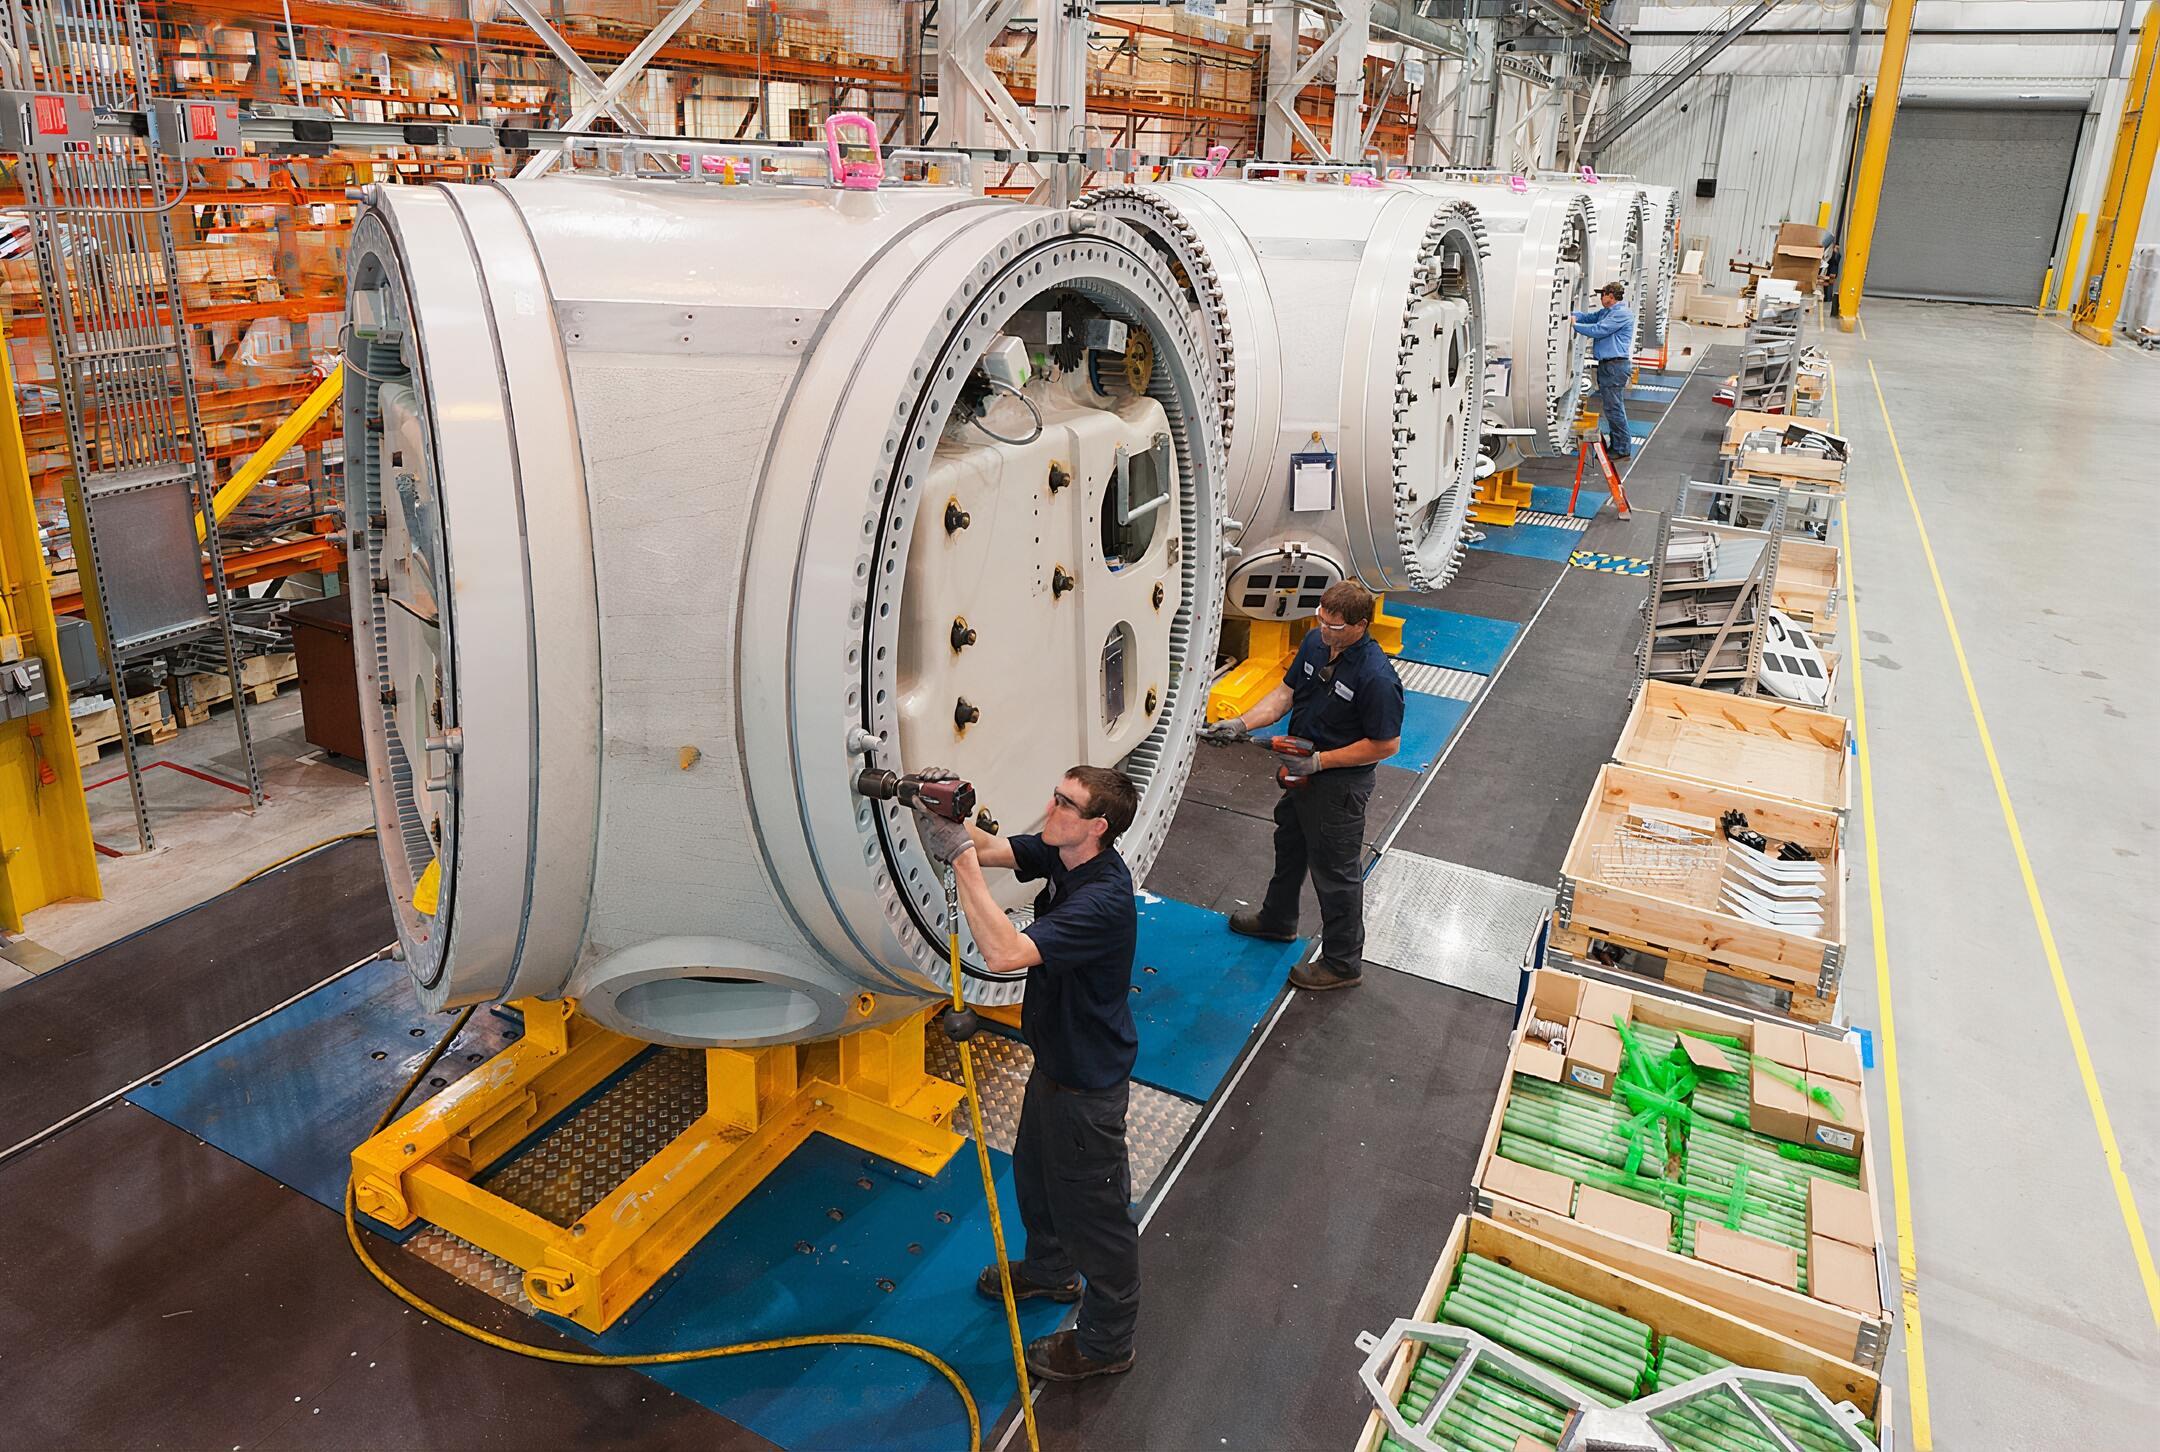 Manutenção de máquinas industriais: veja como fazer